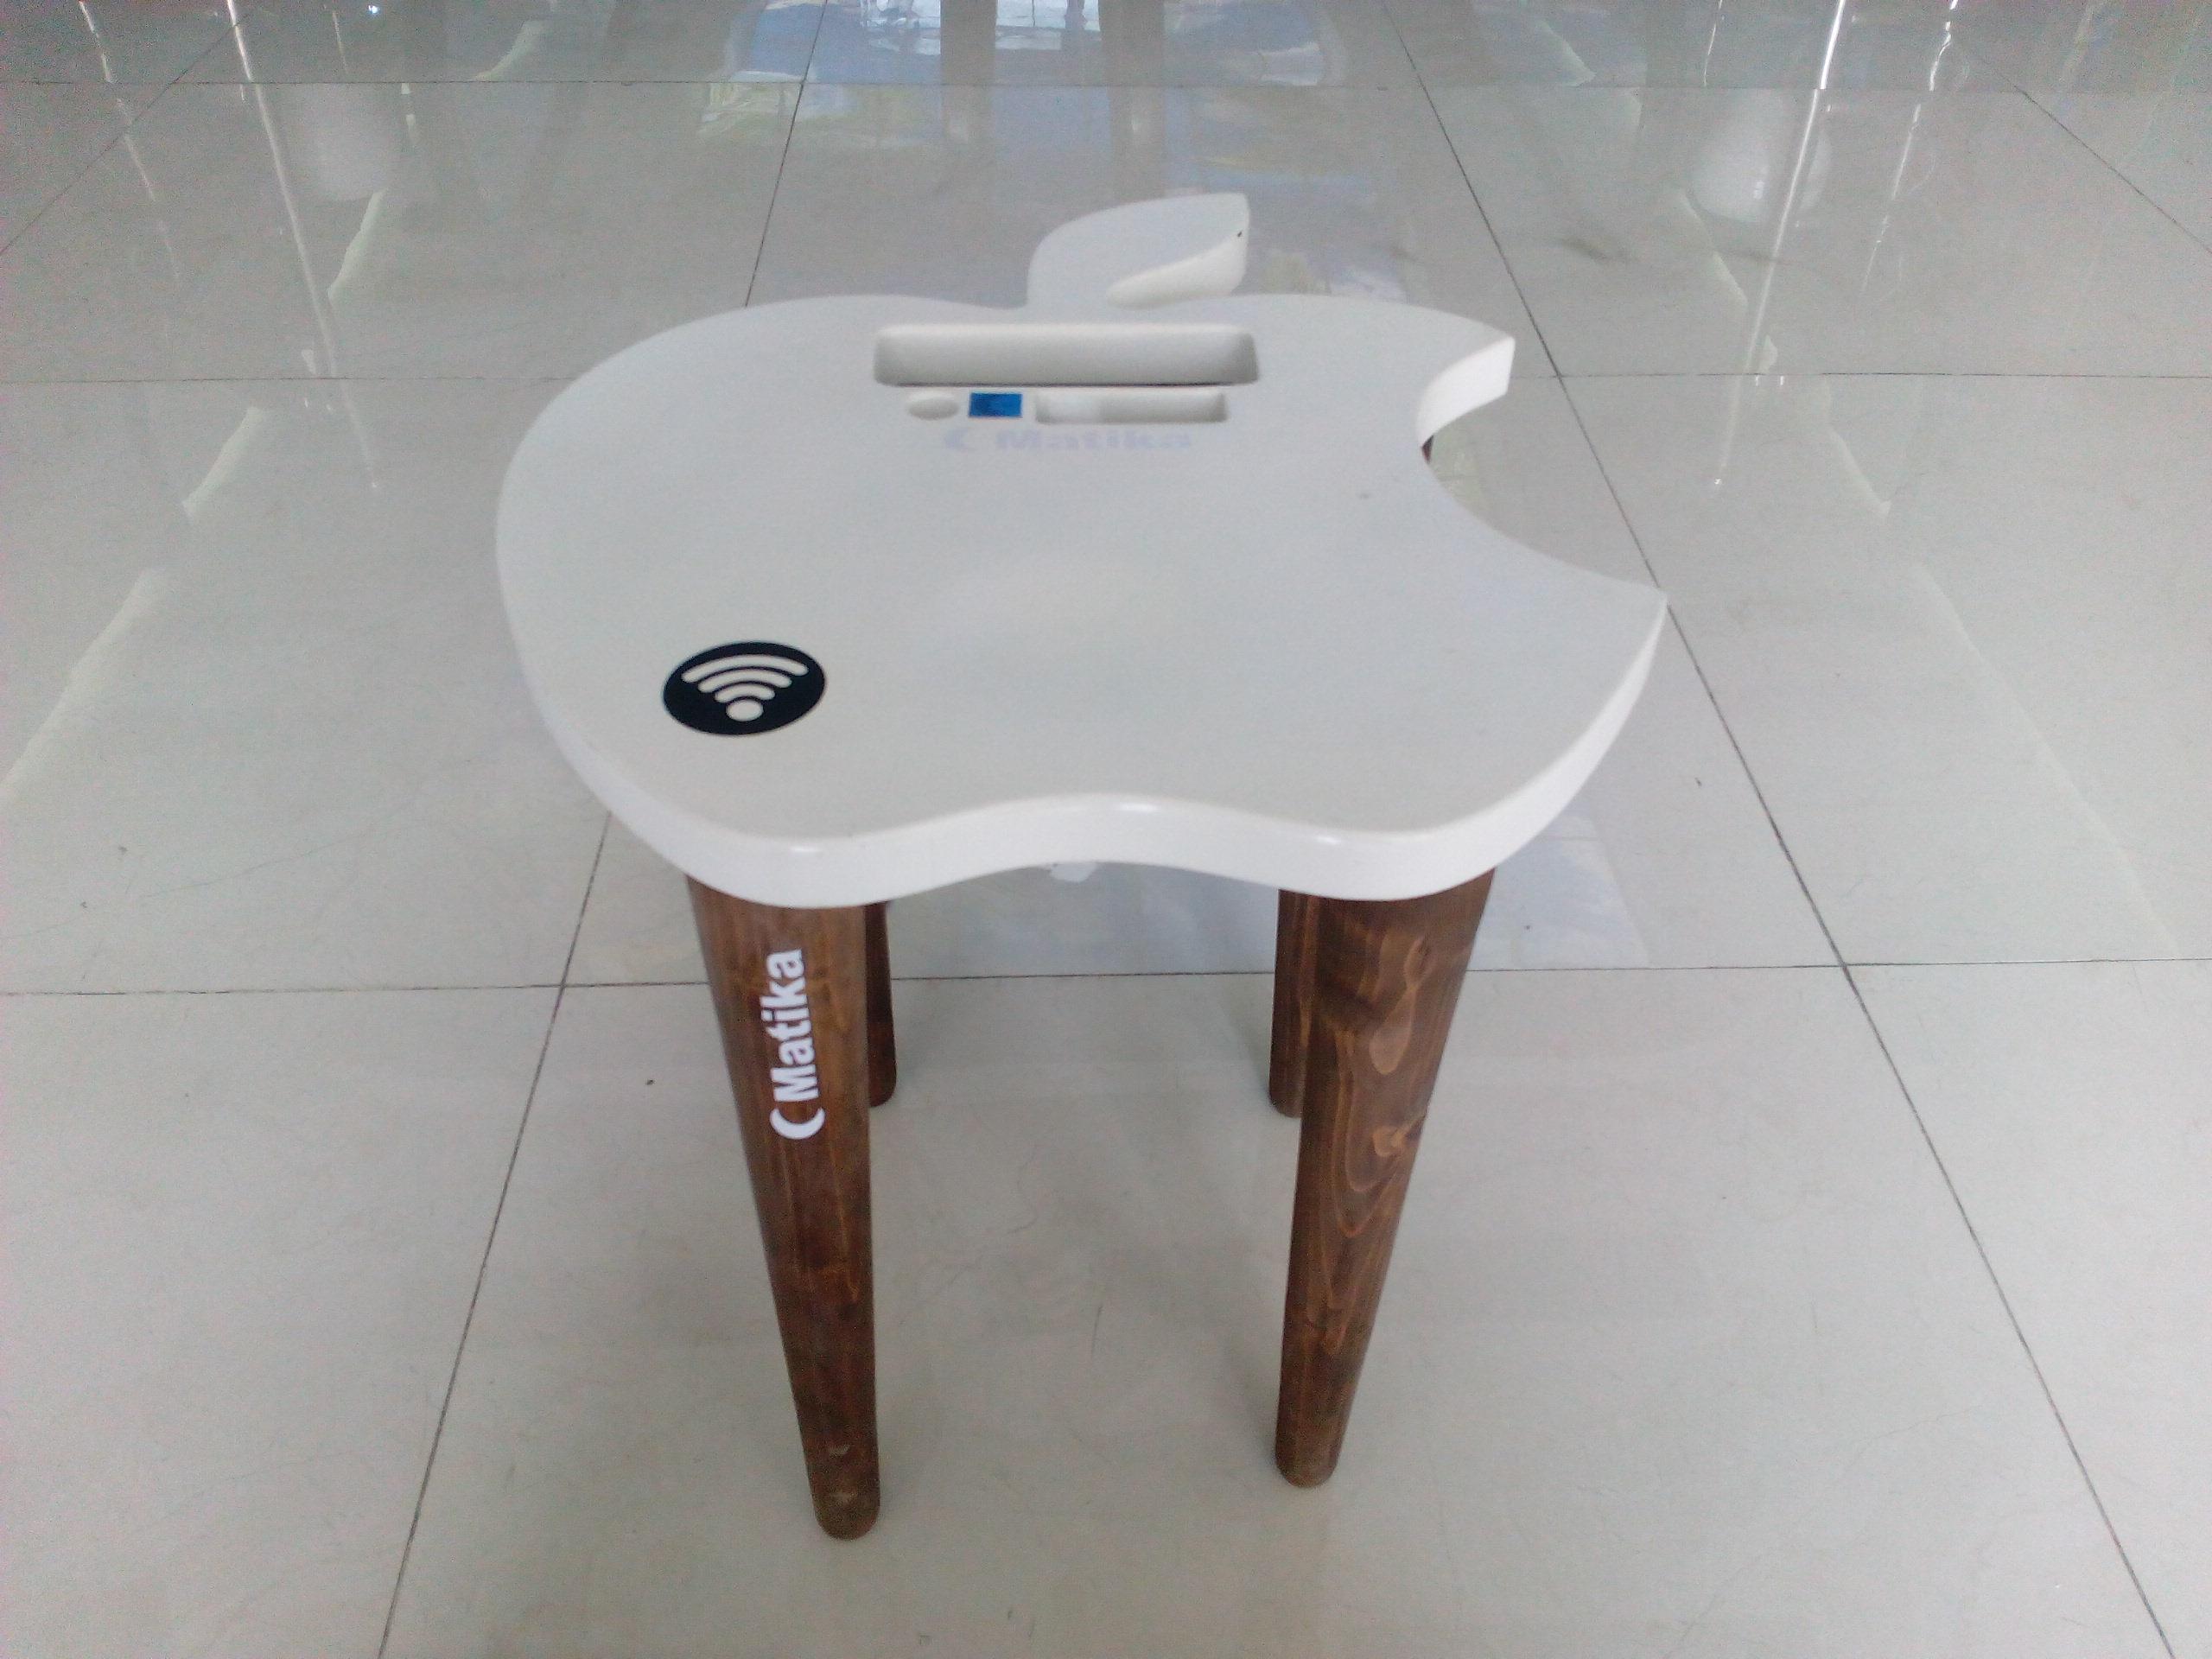 میز عسلی شارژ موبایل مدل Siyb دستگاه شارژ خانوادگی است که دارای فست شارژر و شارژر وایرلس می باشد این دستگاه بسیار کاربردی بوده و برای فضای خانه و اتاق خواب بسیار مناسب است. به همراه دستگاه چندین عدد سیم کابل تبدیل USB-C به لایتنینگ و microUSB  ارسال می گردد.